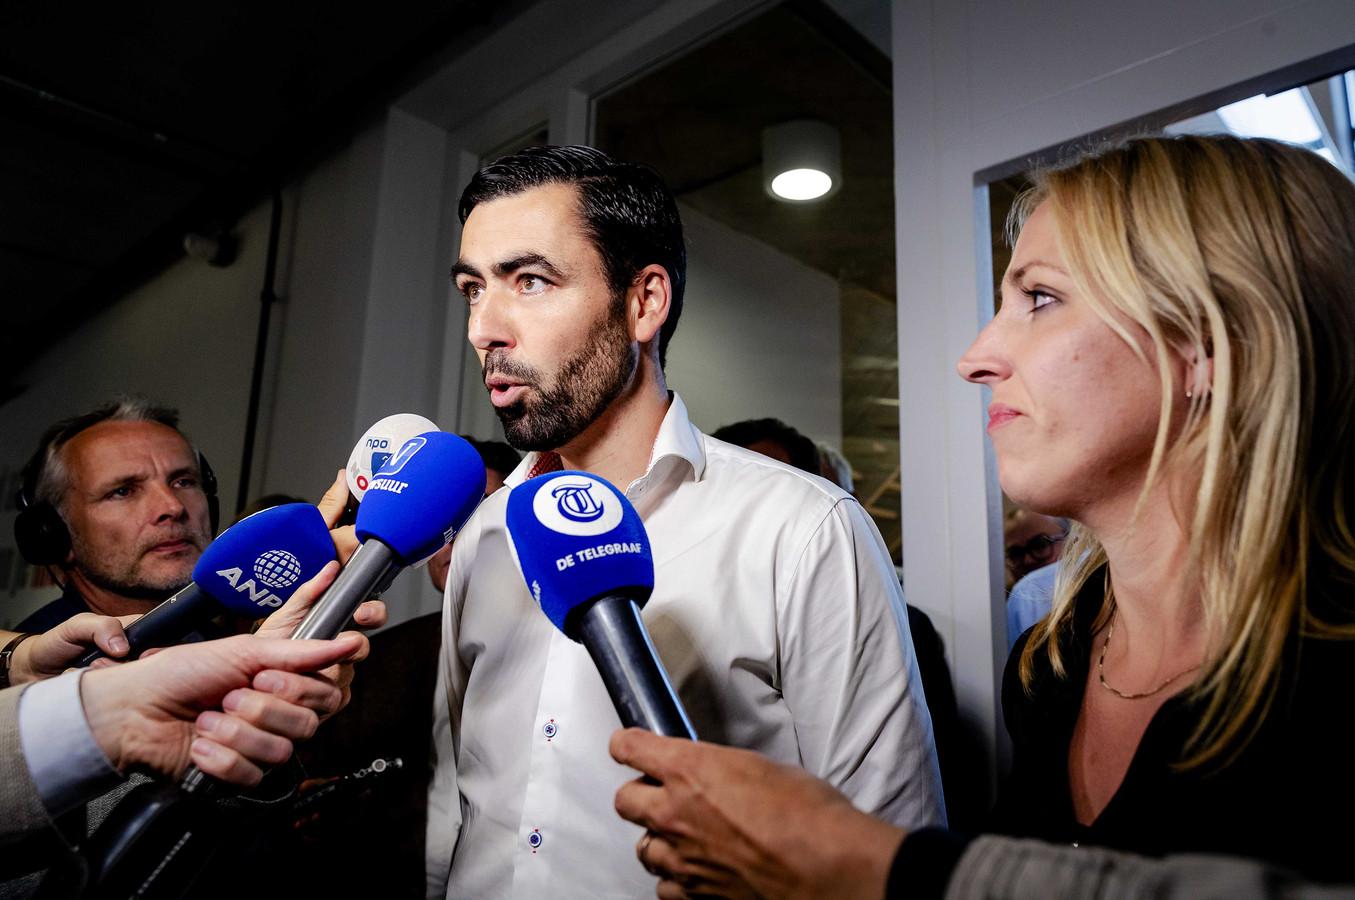 Partijvoorzitter Ron Meyer en politiek leider Lilian Marijnissen na afloop van een regulier overleg van het partijbestuur. Het bestuur van de SP sprak over de voor de partij rampzalig verlopen Europese verkiezingen.